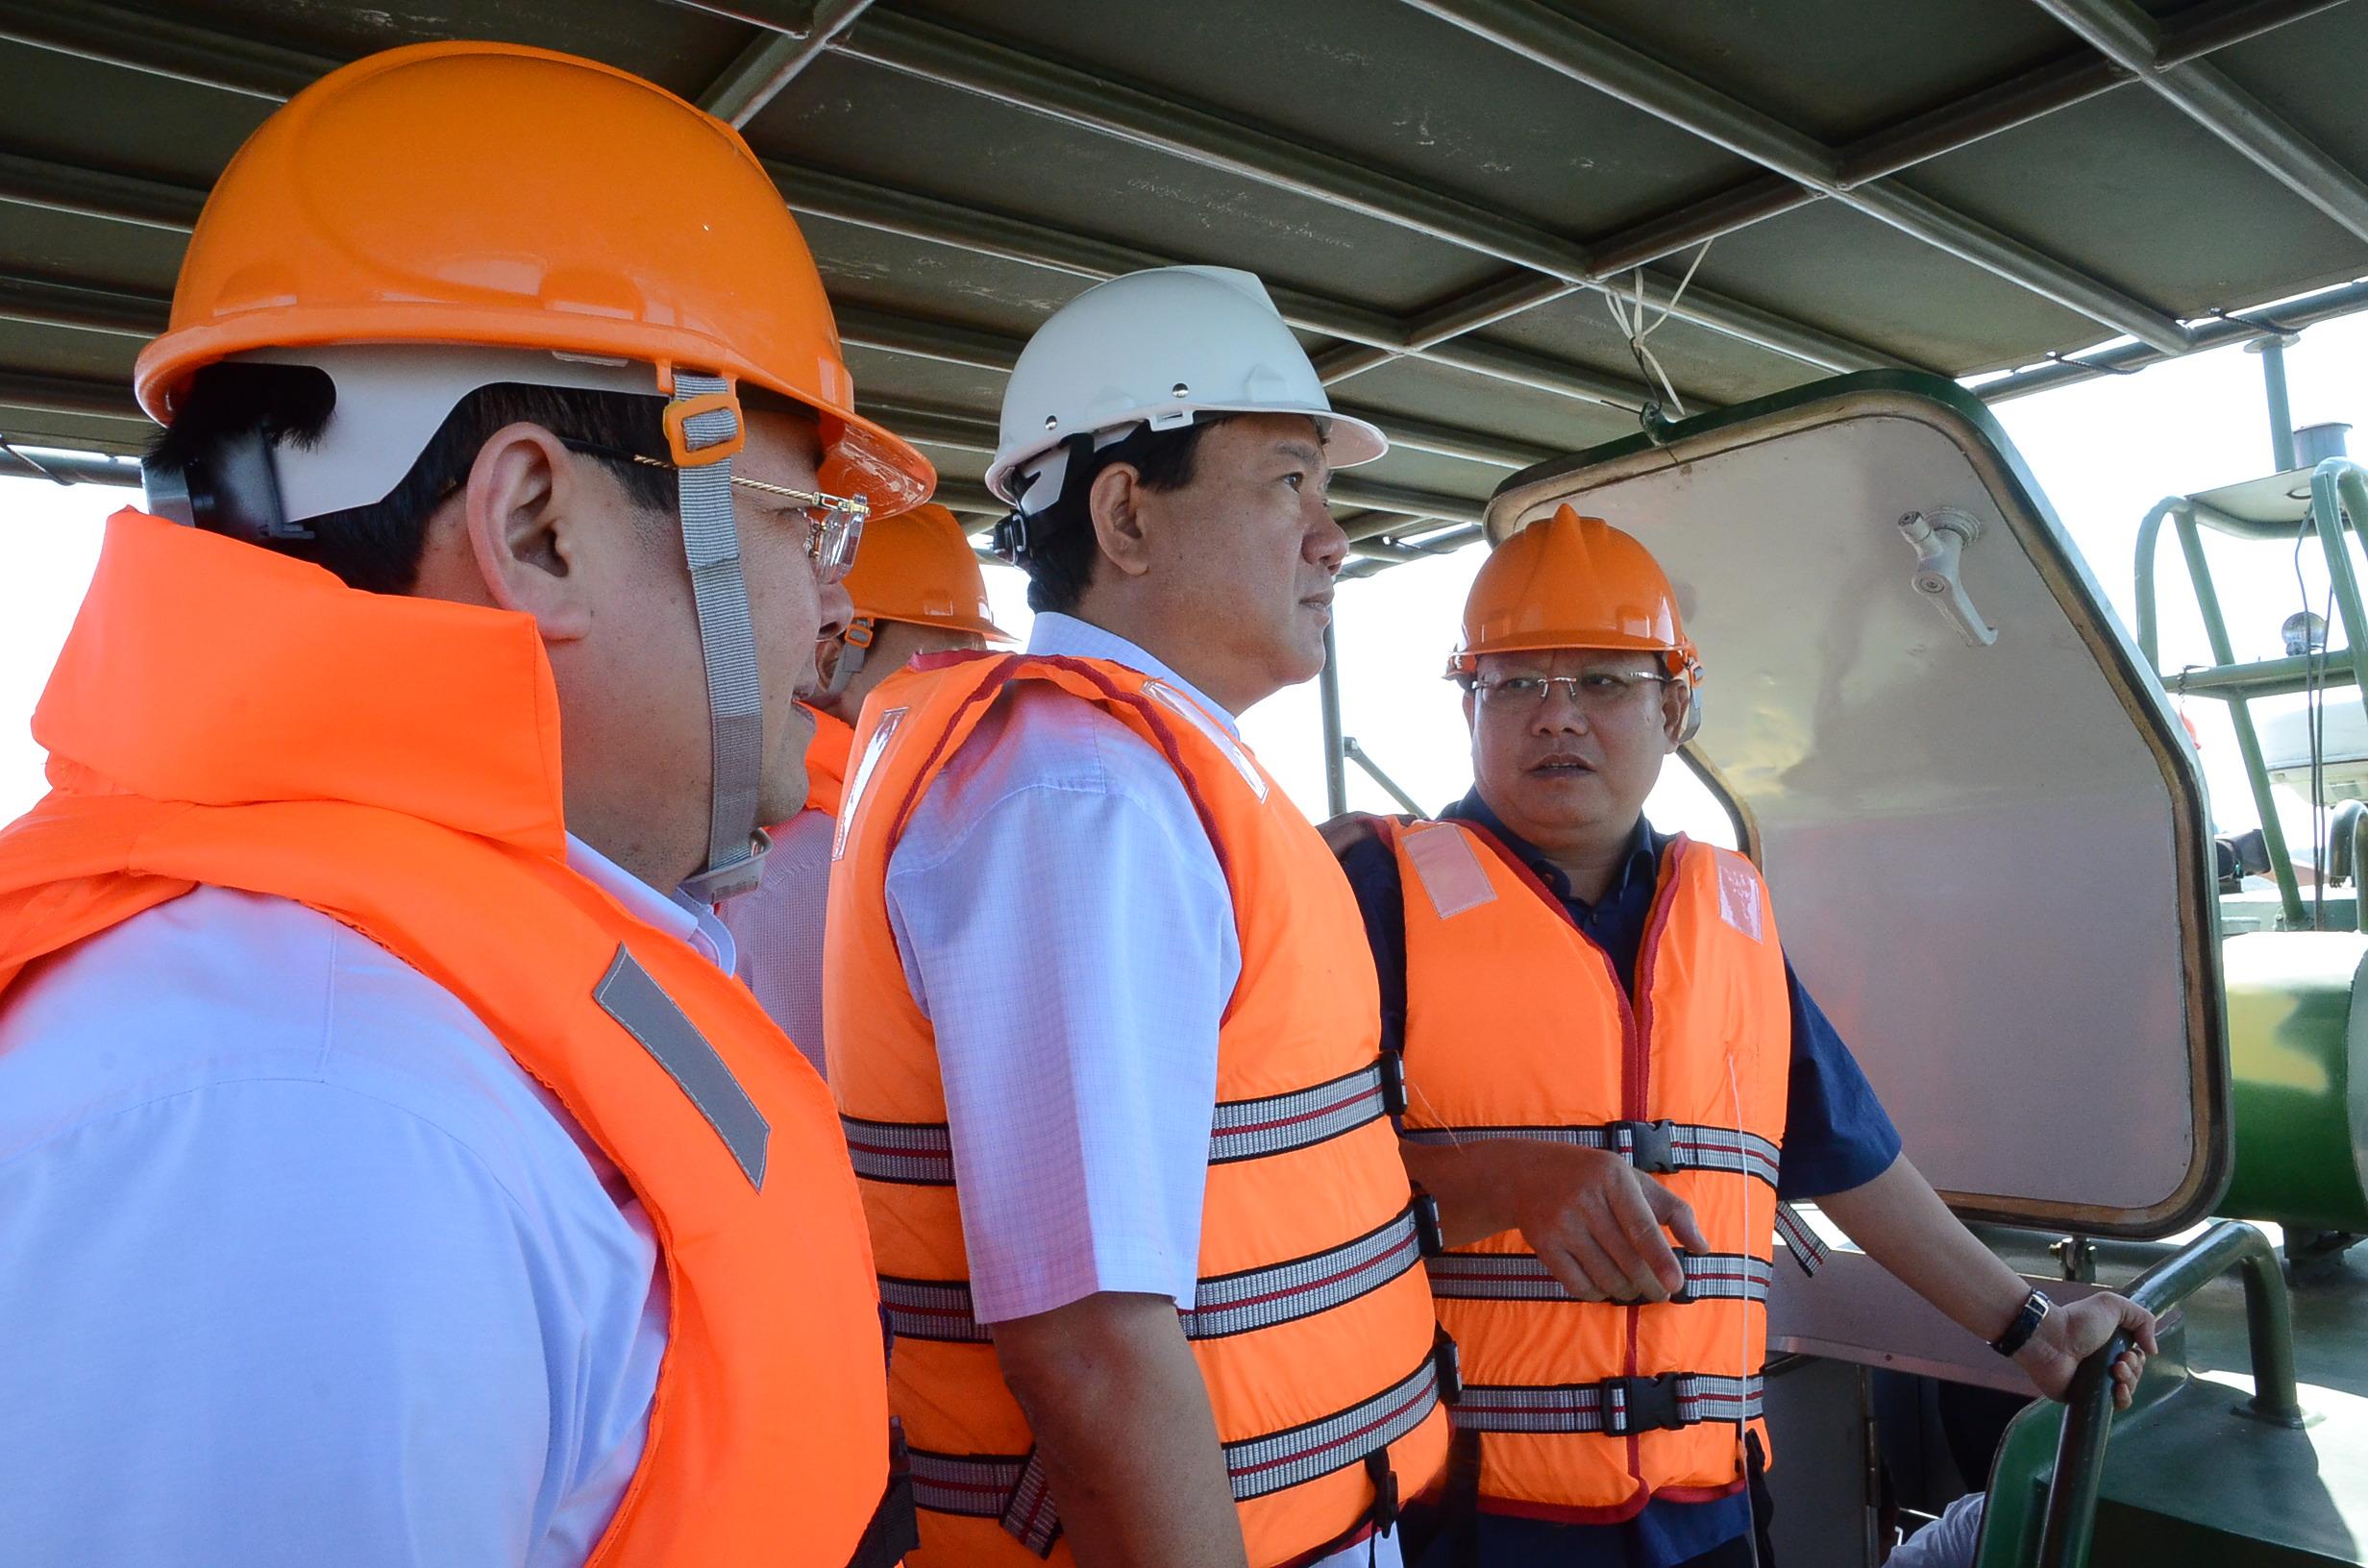 Bí thư Thành ủy Đinh La Thăng cùng Phó Bí thư Thường trực Thành ủy Tất Thành Cang thị sát hồ Dầu Tiếng